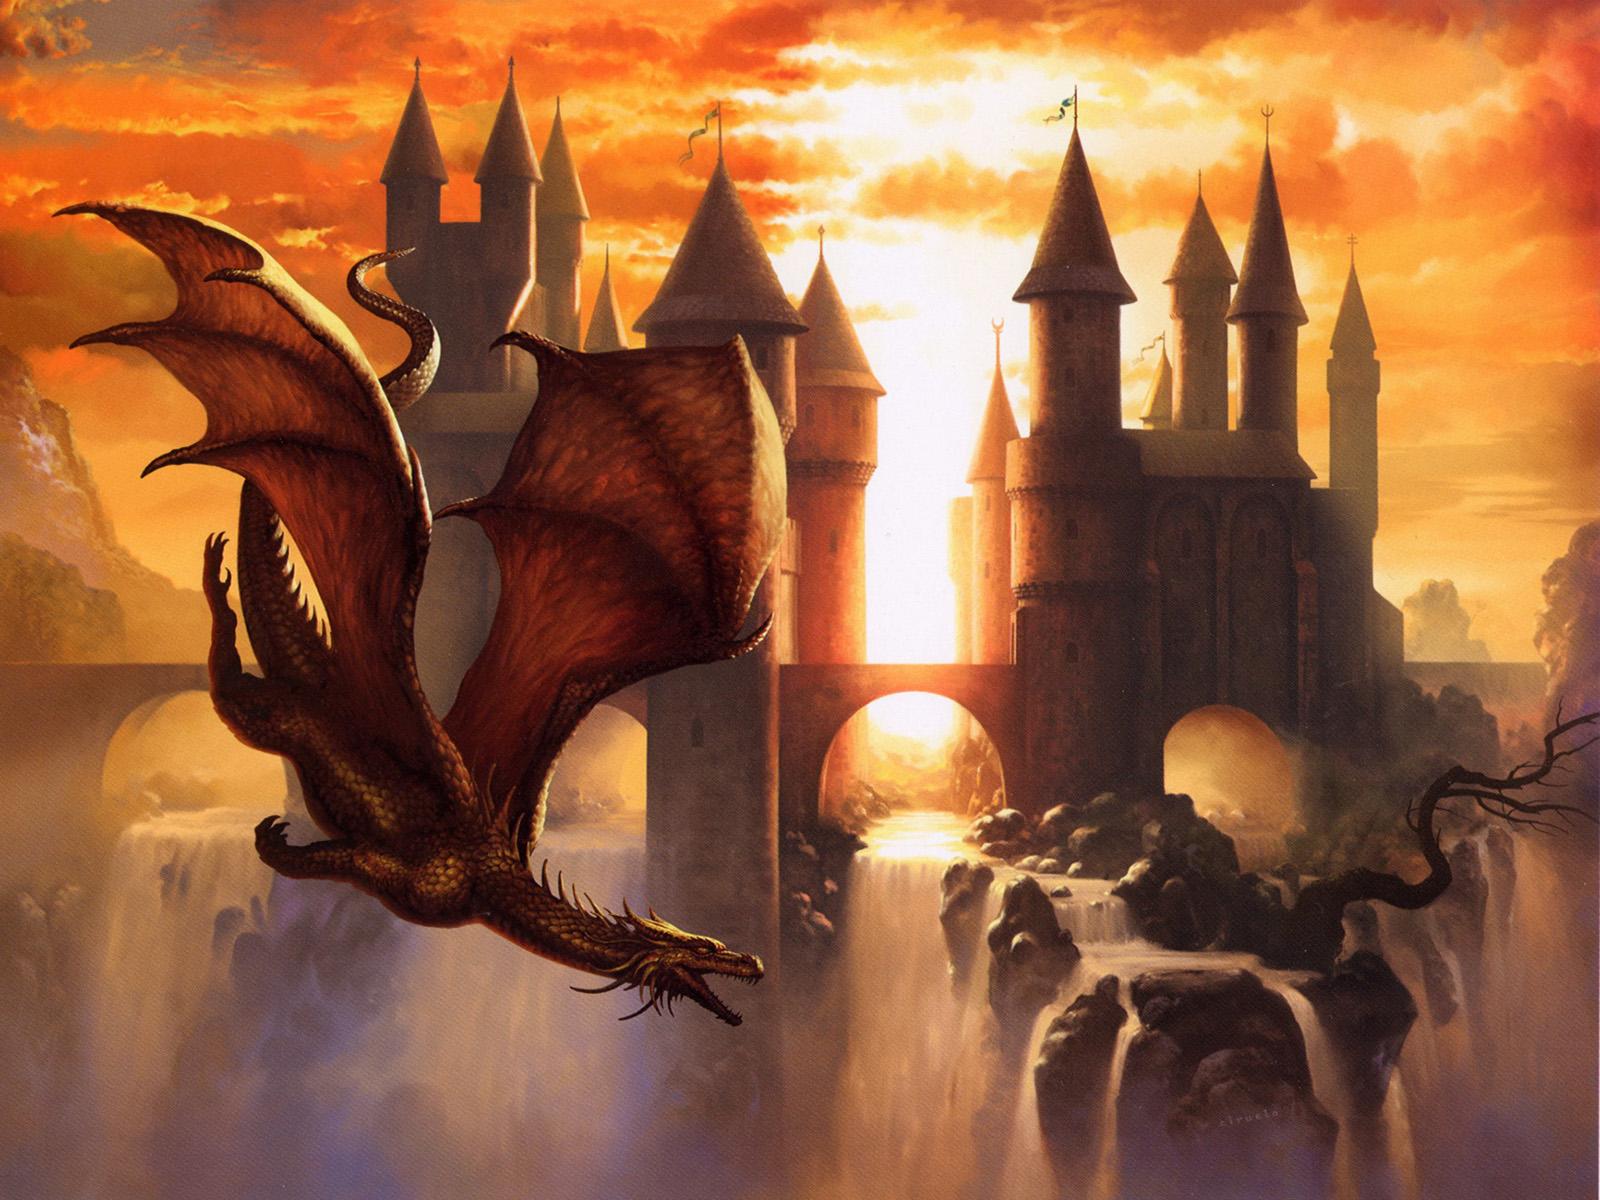 dragon wallpaper 1600x1200 - photo #28